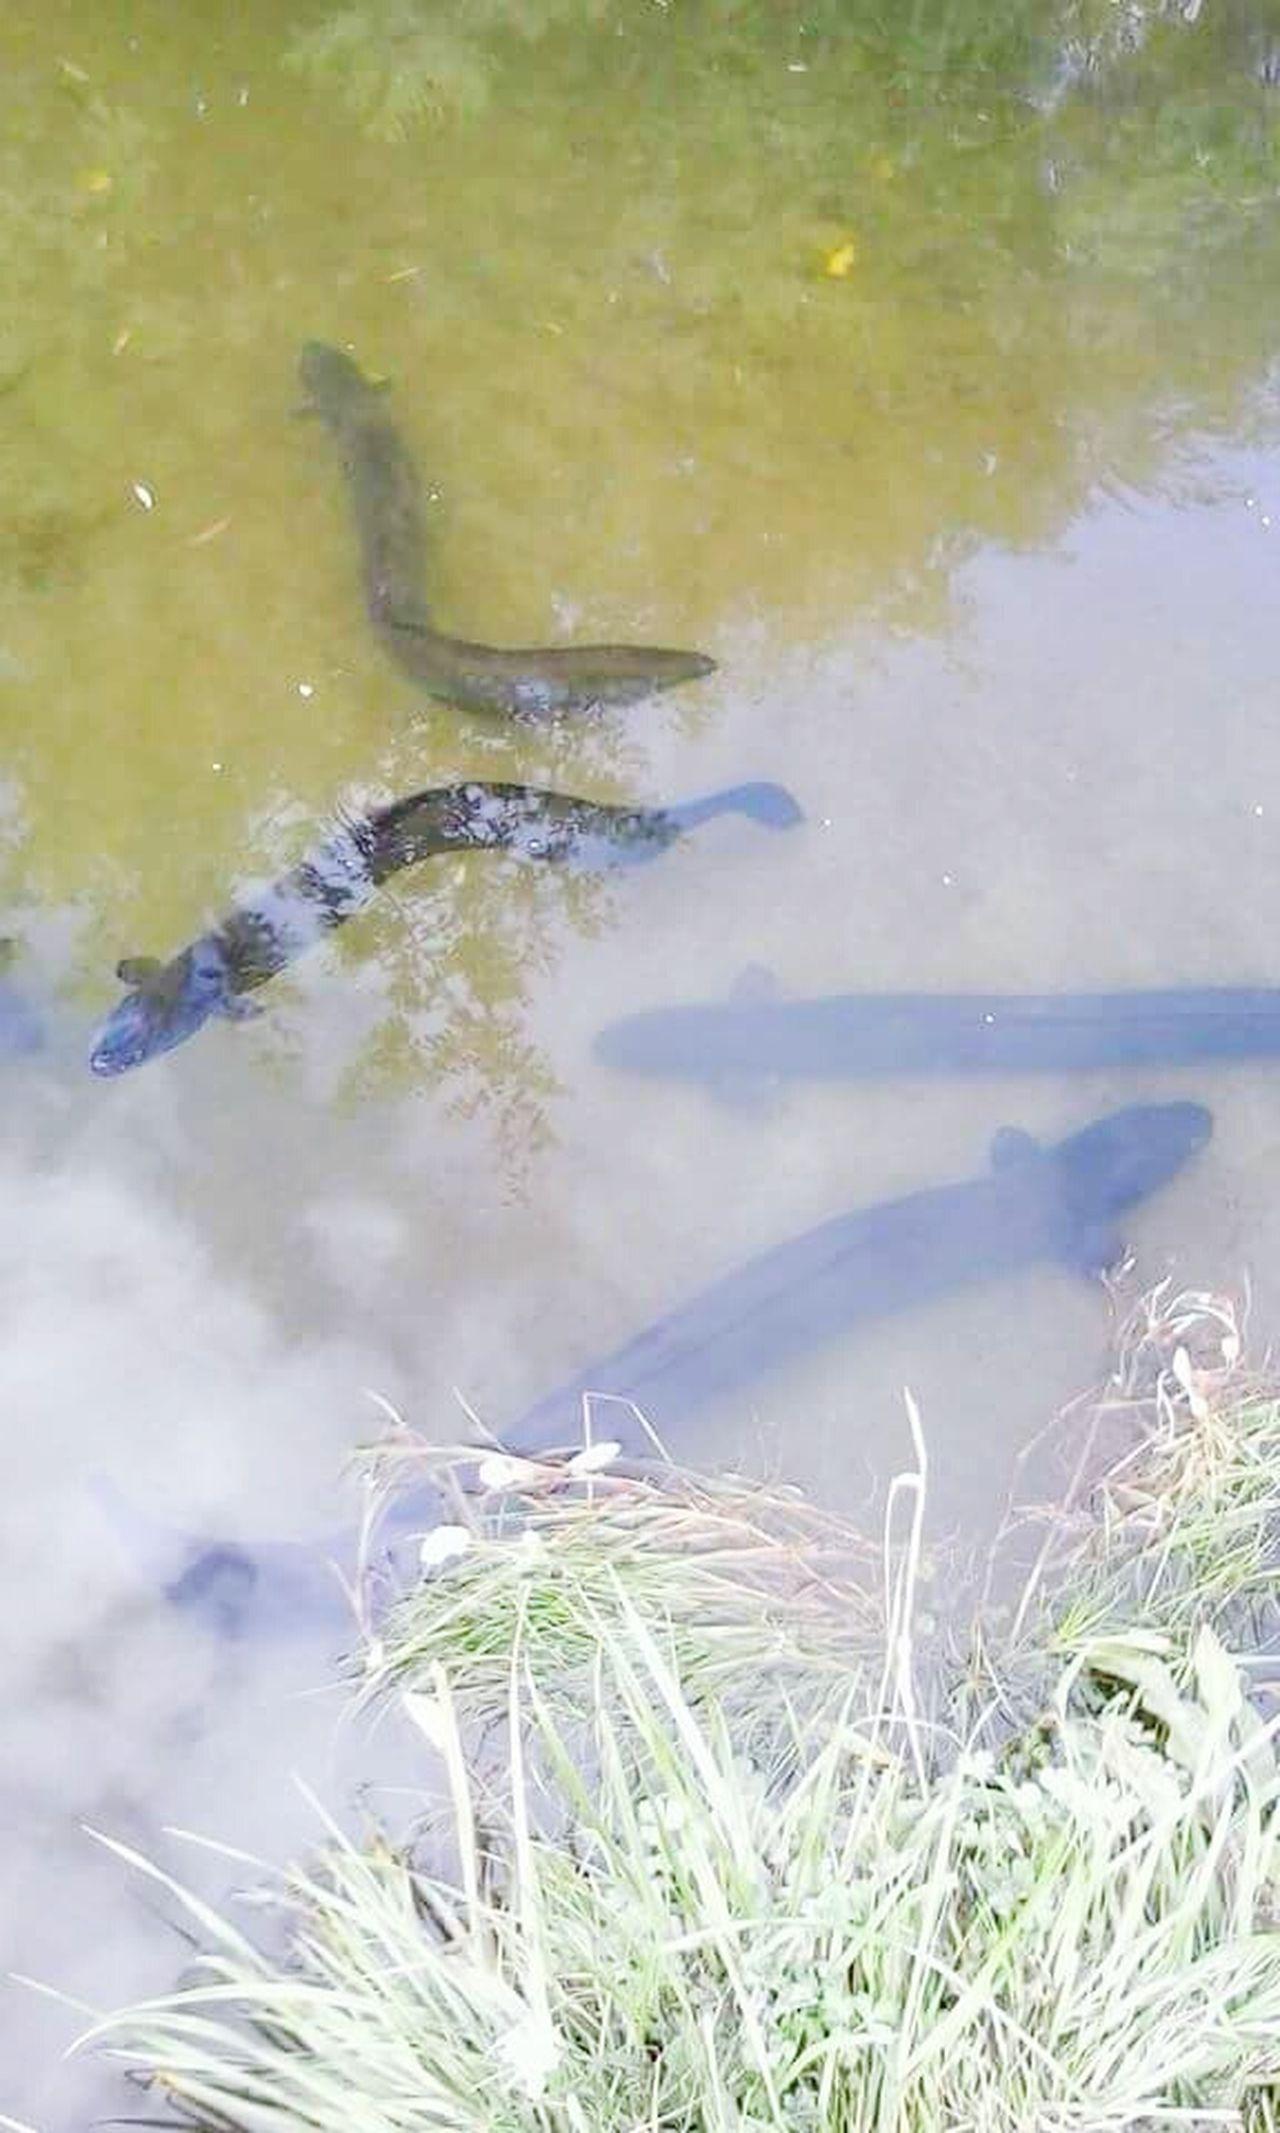 Pond Life Creeklife Stream Life Eels Slippery Yum Yum